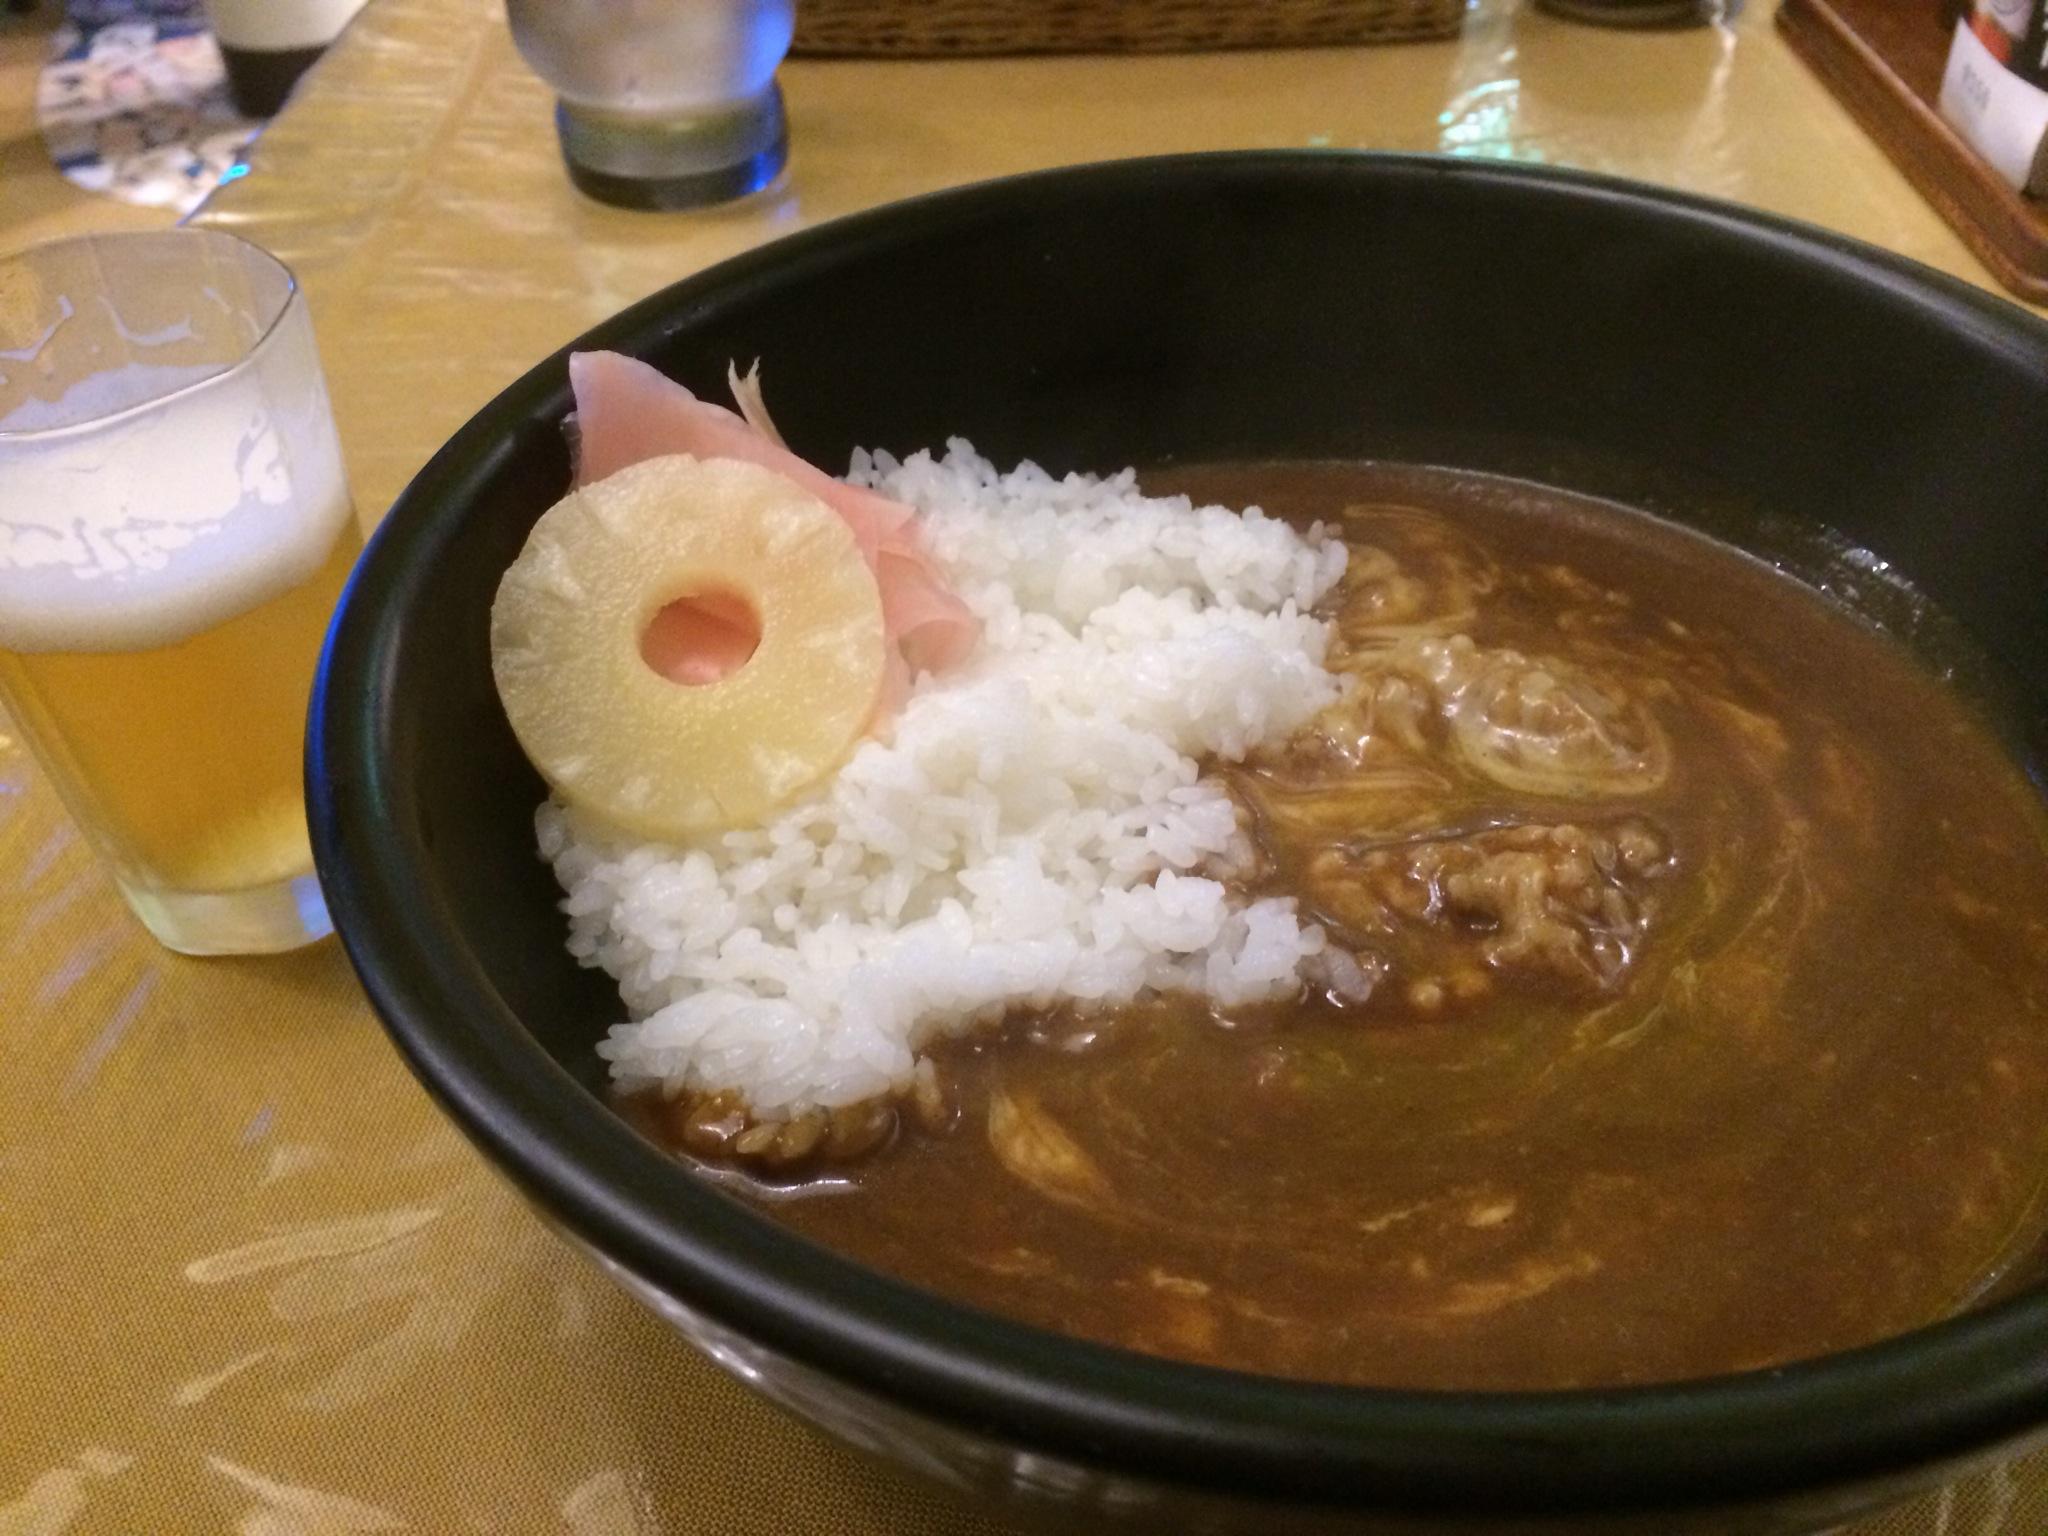 お昼に食べた武蔵新城のカレーやさん伽羅のチーズカレーです!